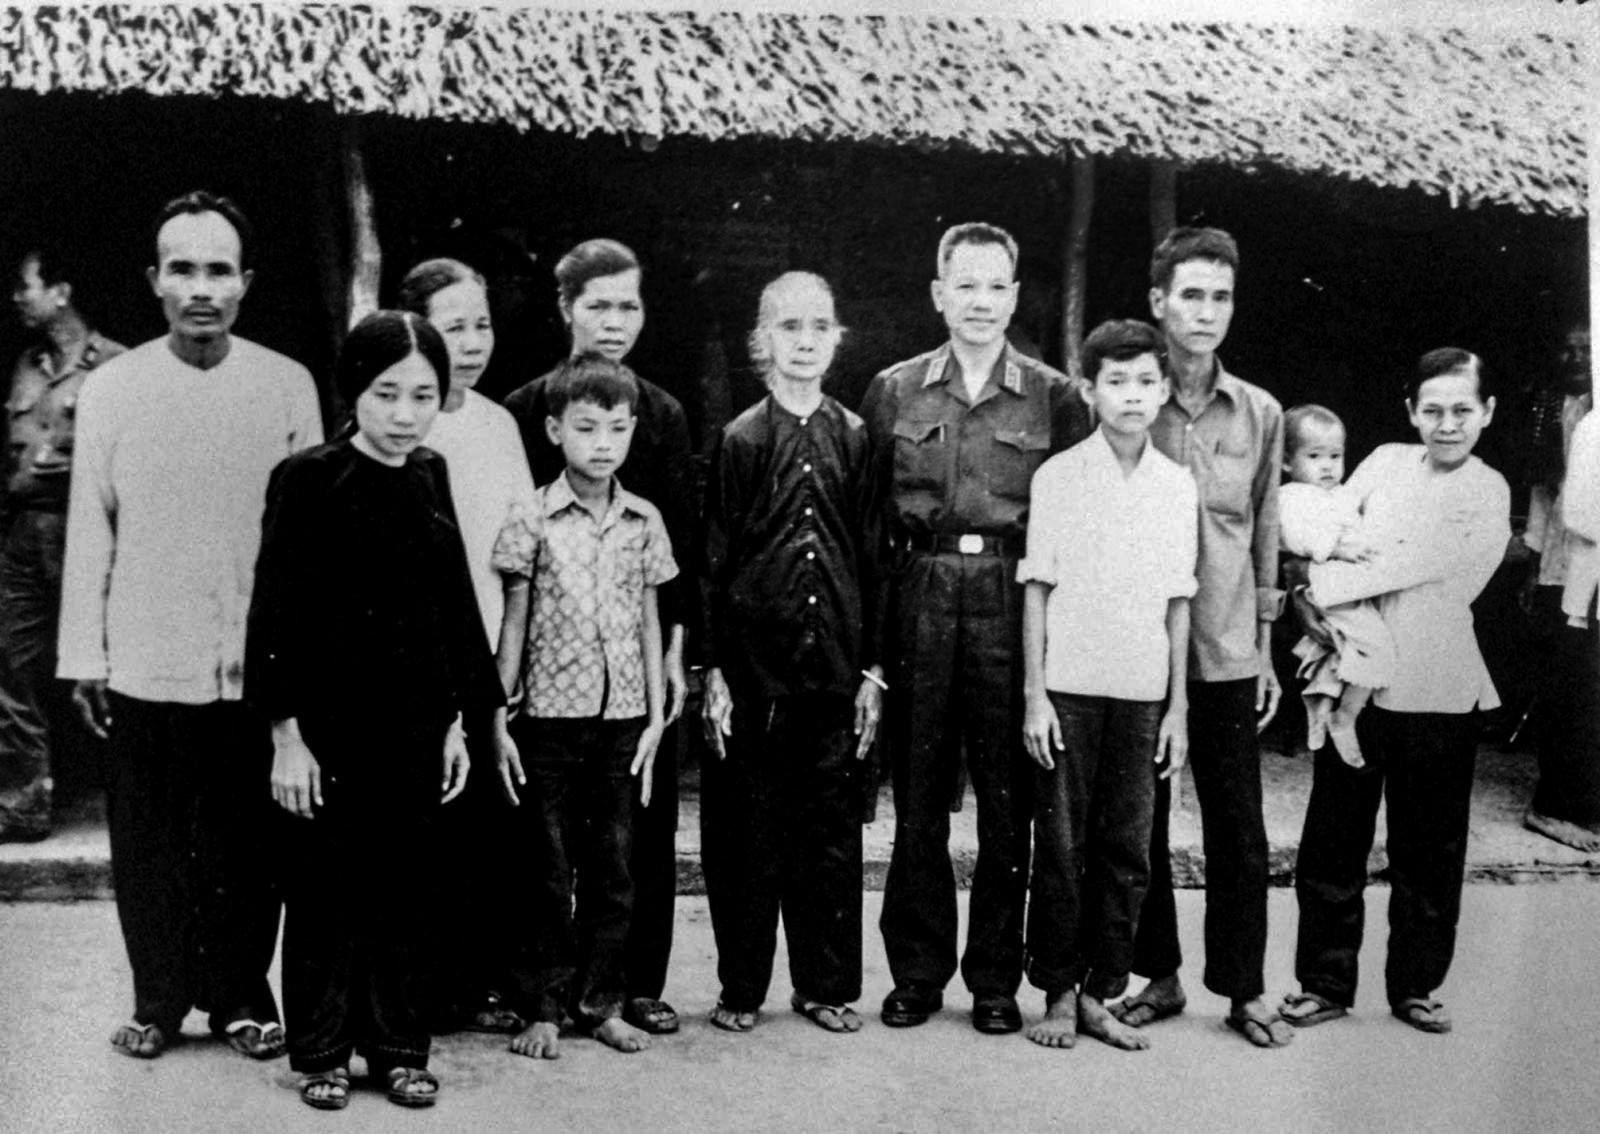 Thượng tướng Trần Văn Trà về thăm lại chiến khu Đồng Tháp Mười.